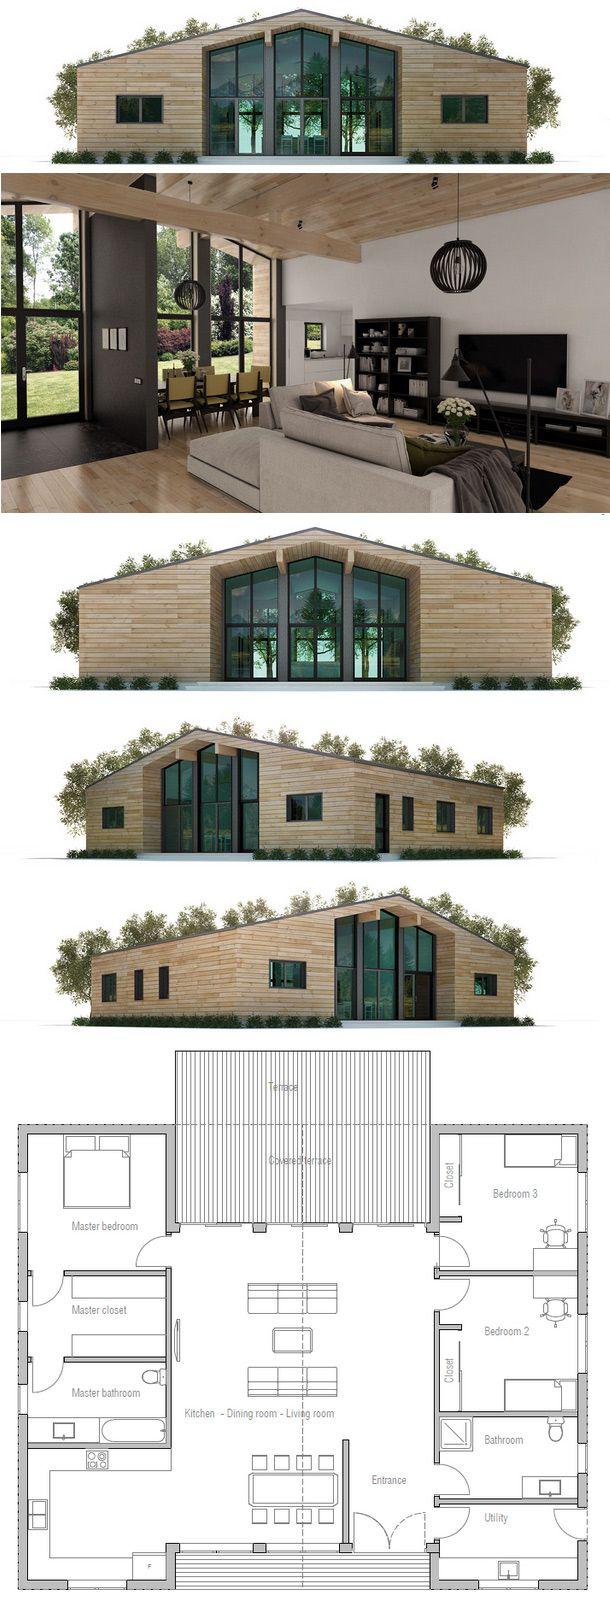 Fantastisch House Plan | Ideen Rund Ums Haus | Pinterest | Grundrisse, Architektur Und  Container Häuser